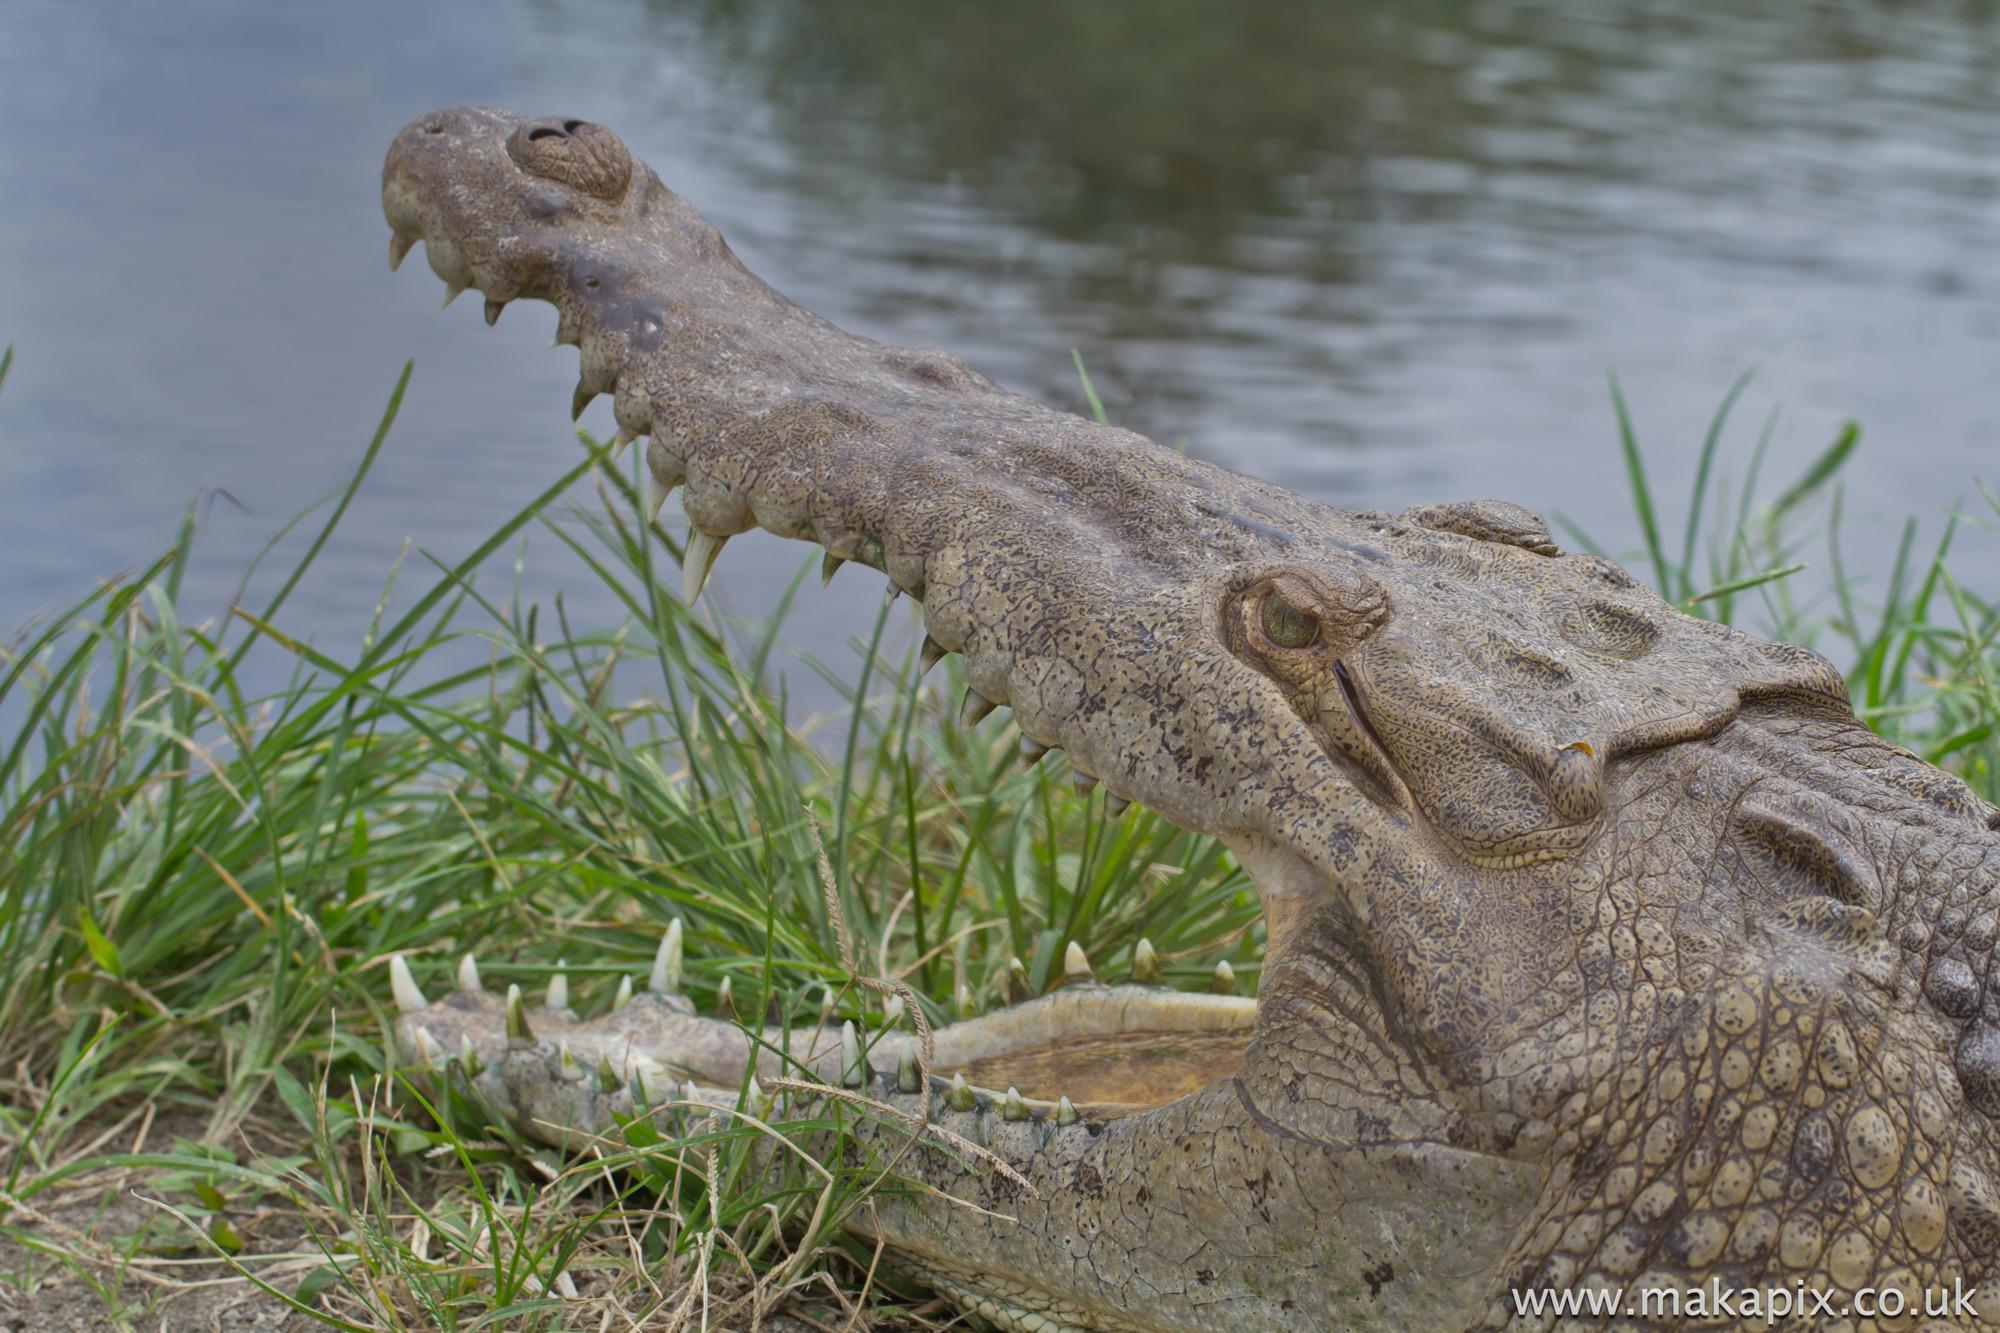 Crocodile, Costa Rica 2014